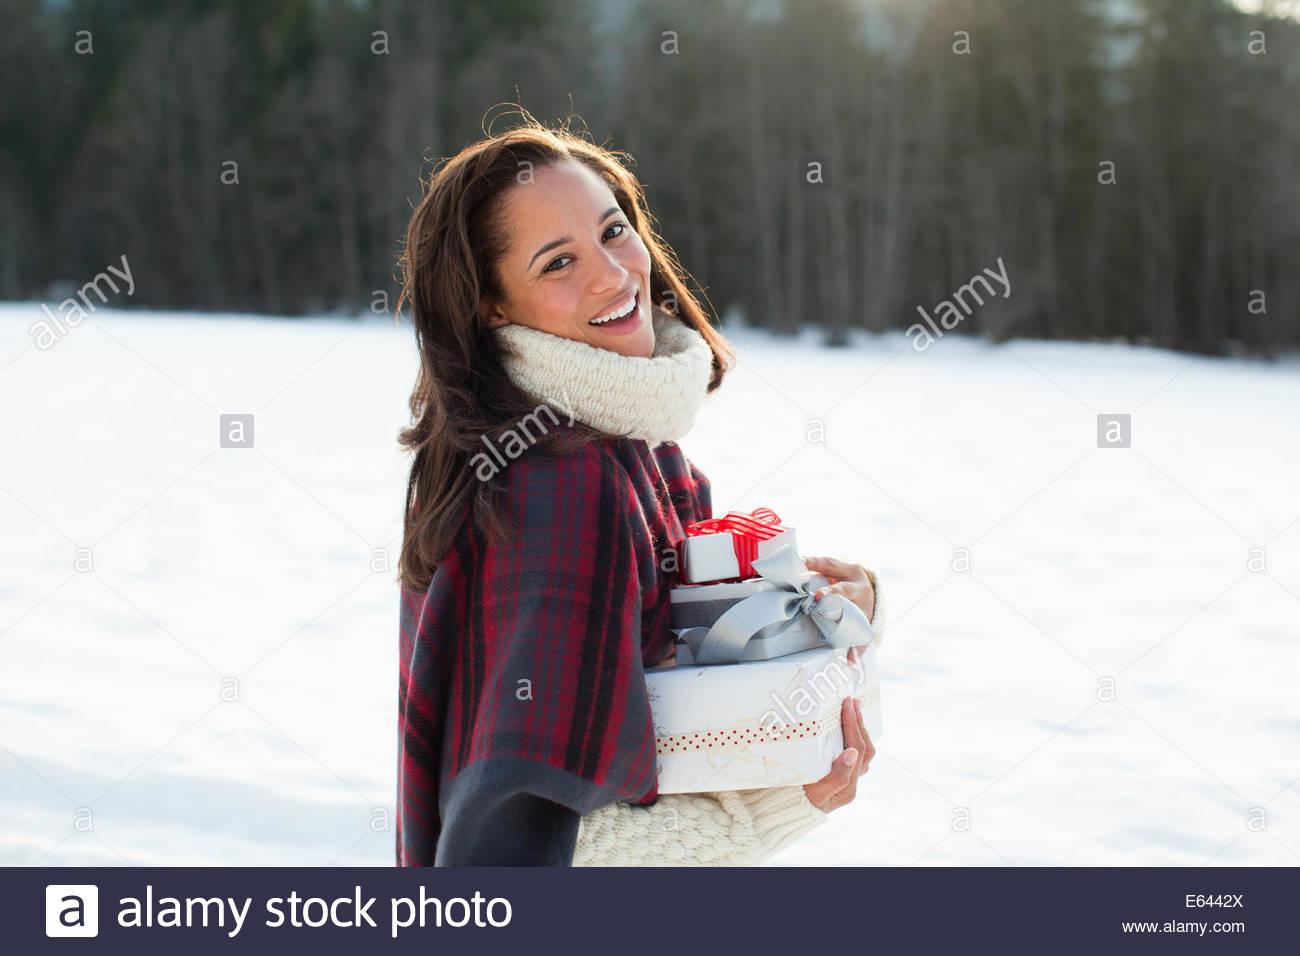 Retrato de mujer sonriente sosteniendo los regalos de Navidad en la nieve Imagen De Stock